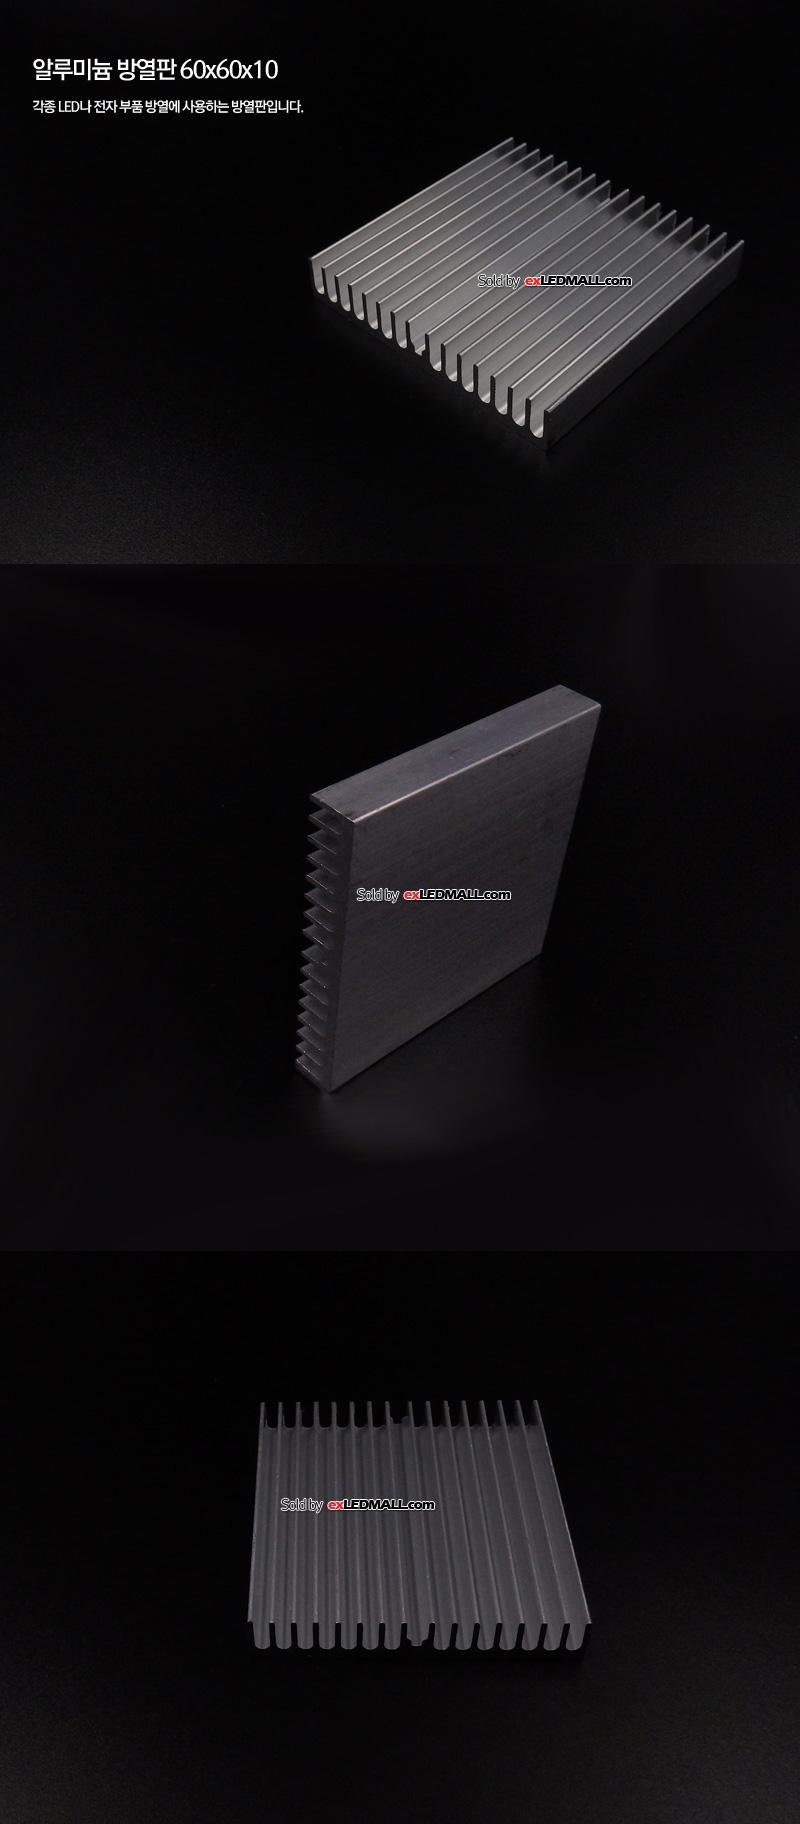 알루미늄 방열판 60mm x 60mm x 10mm